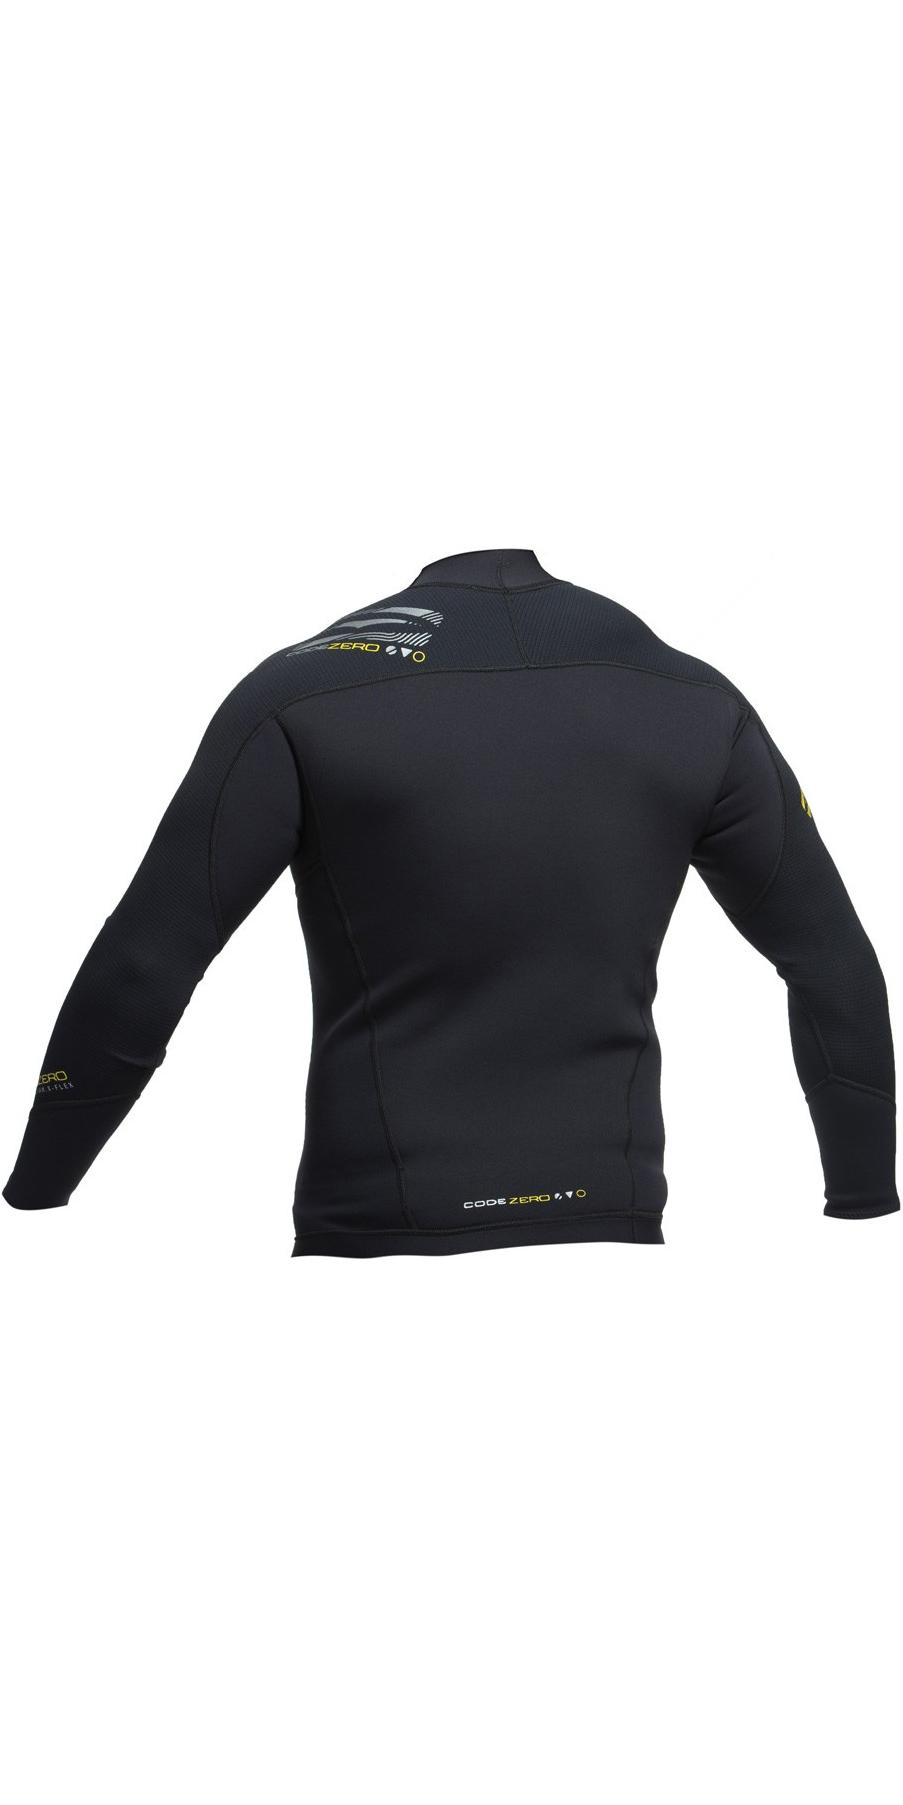 2019 Gul Code Zero 3mm Long Sleeve Thermo Top & Long John Combi Set Black